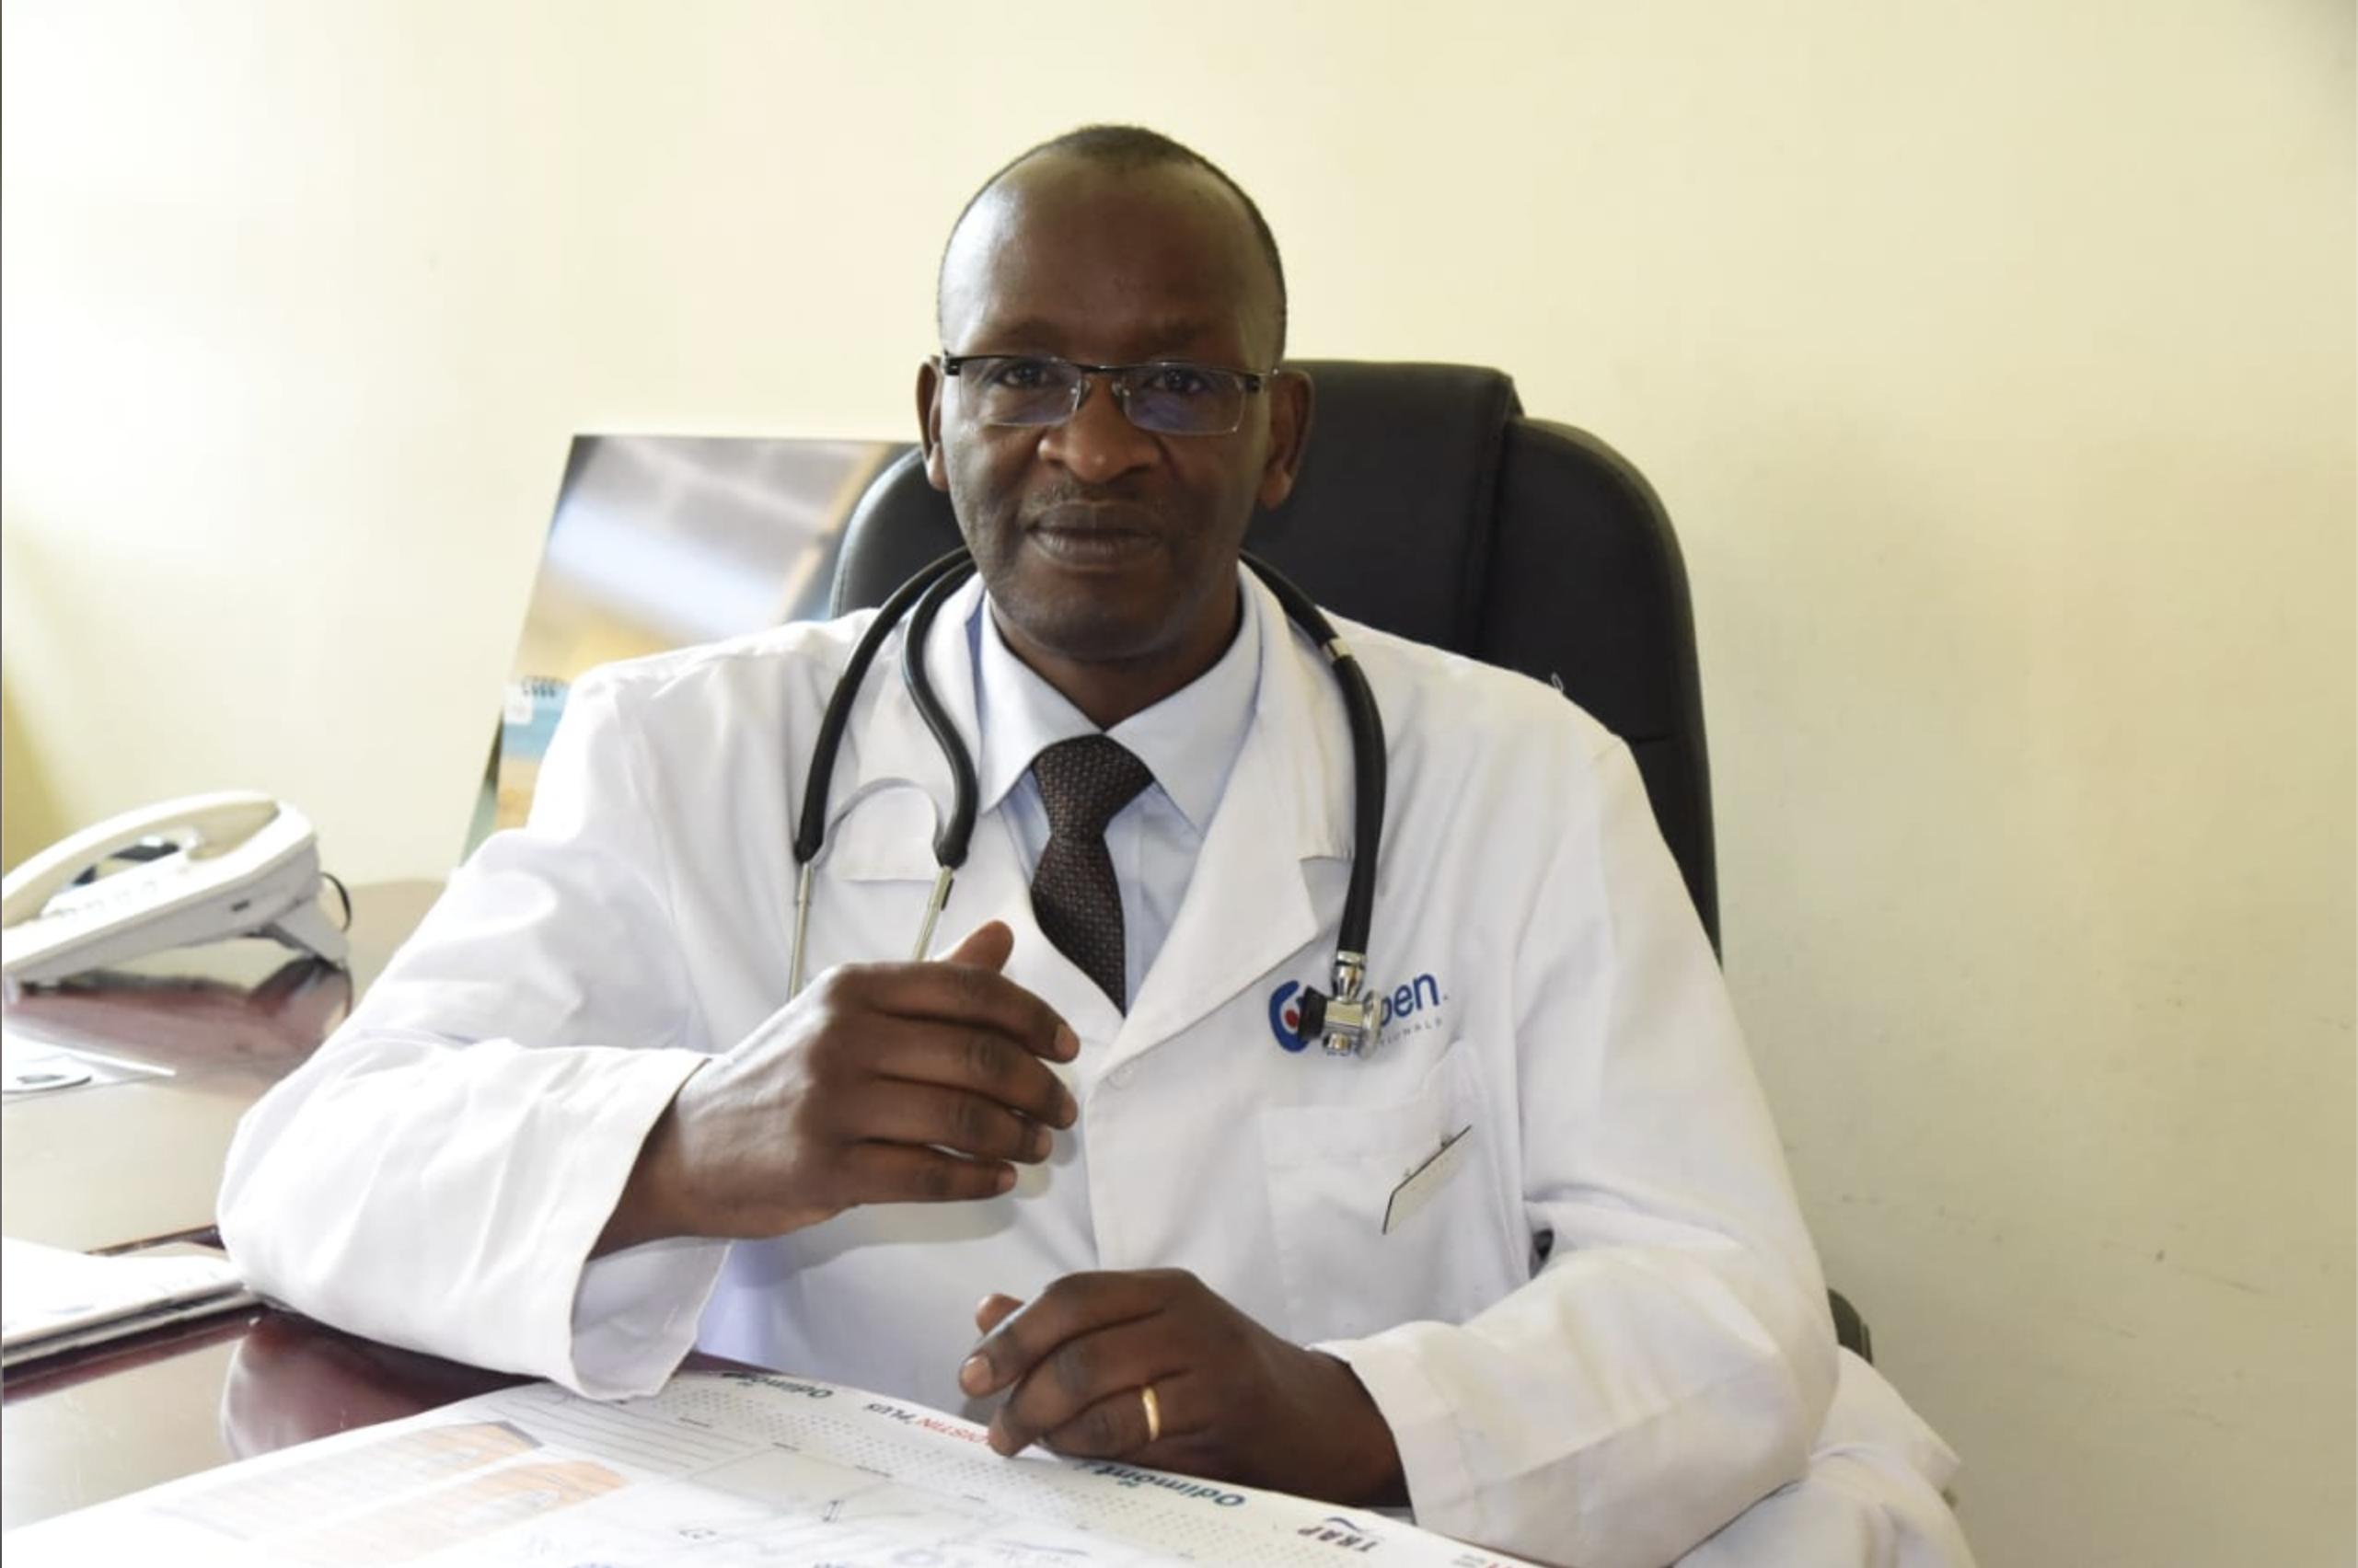 Demand for paediatricians growing in Kenya